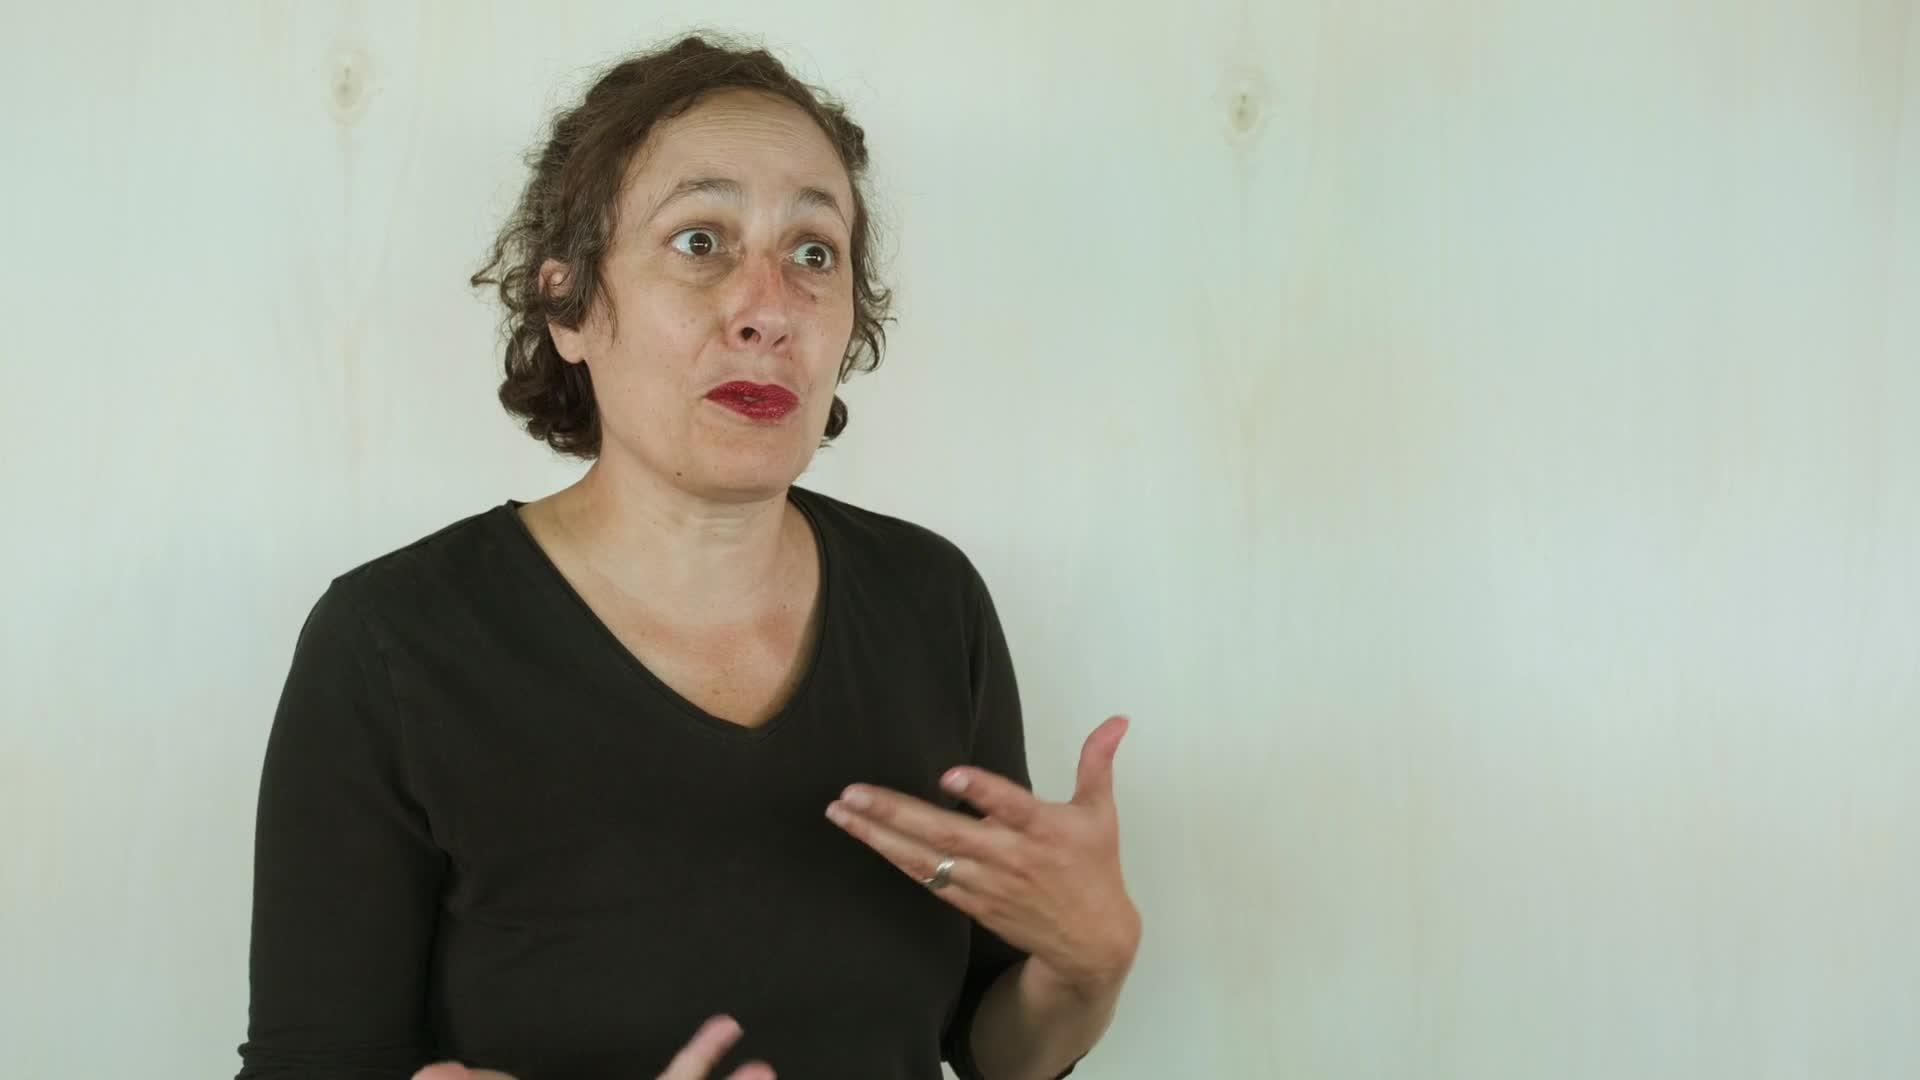 """Vidéo """"Le Monde et son contraire"""" de Leslie Kaplan - Entretien avec Élise Vigier"""